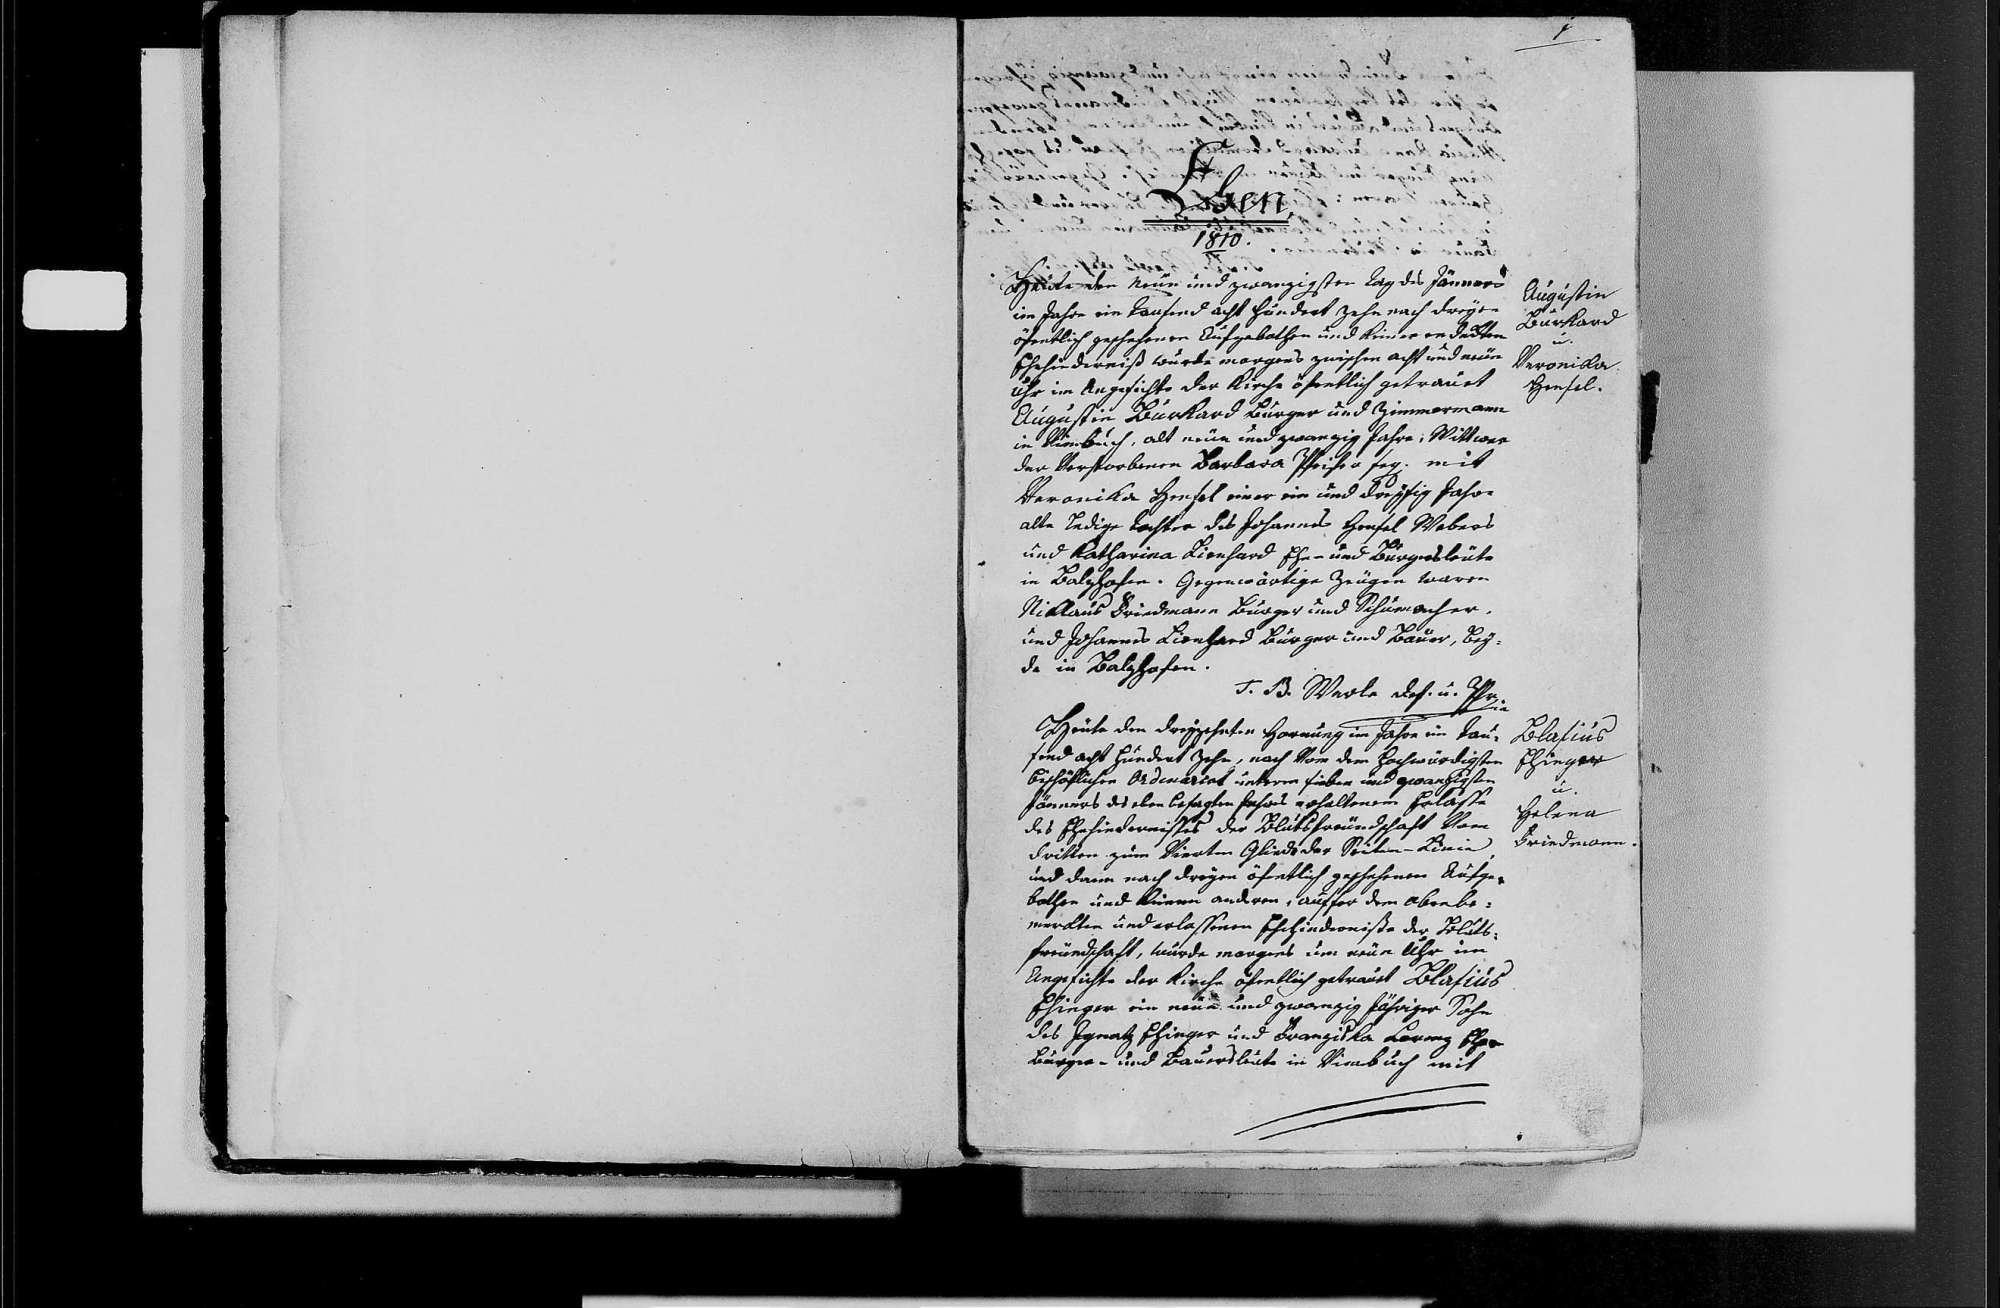 Vimbuch, katholische Gemeinde: Heirats- und Sterbebuch 1810-1870, Bild 3